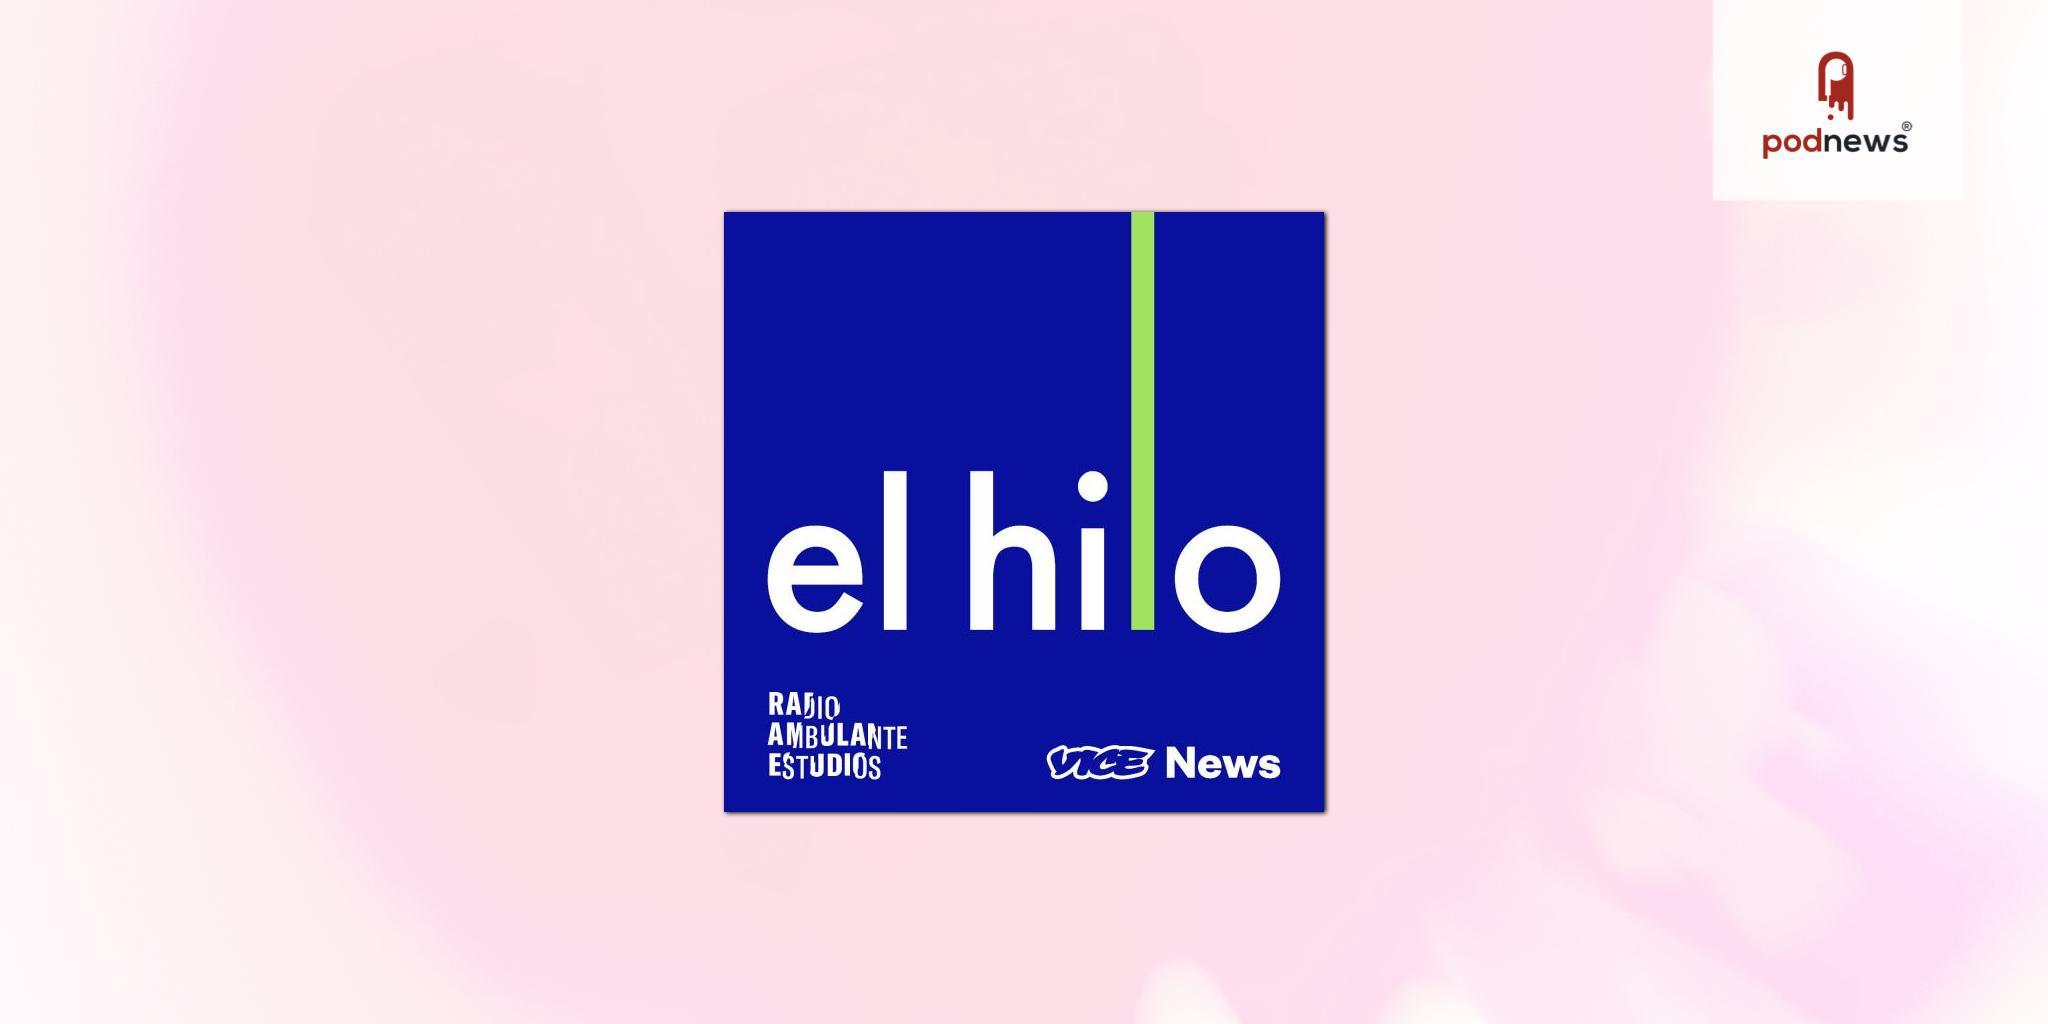 VICE Audio y Radio Ambulante Estudios se unen en co-producción del podcast de actualidad El hilo